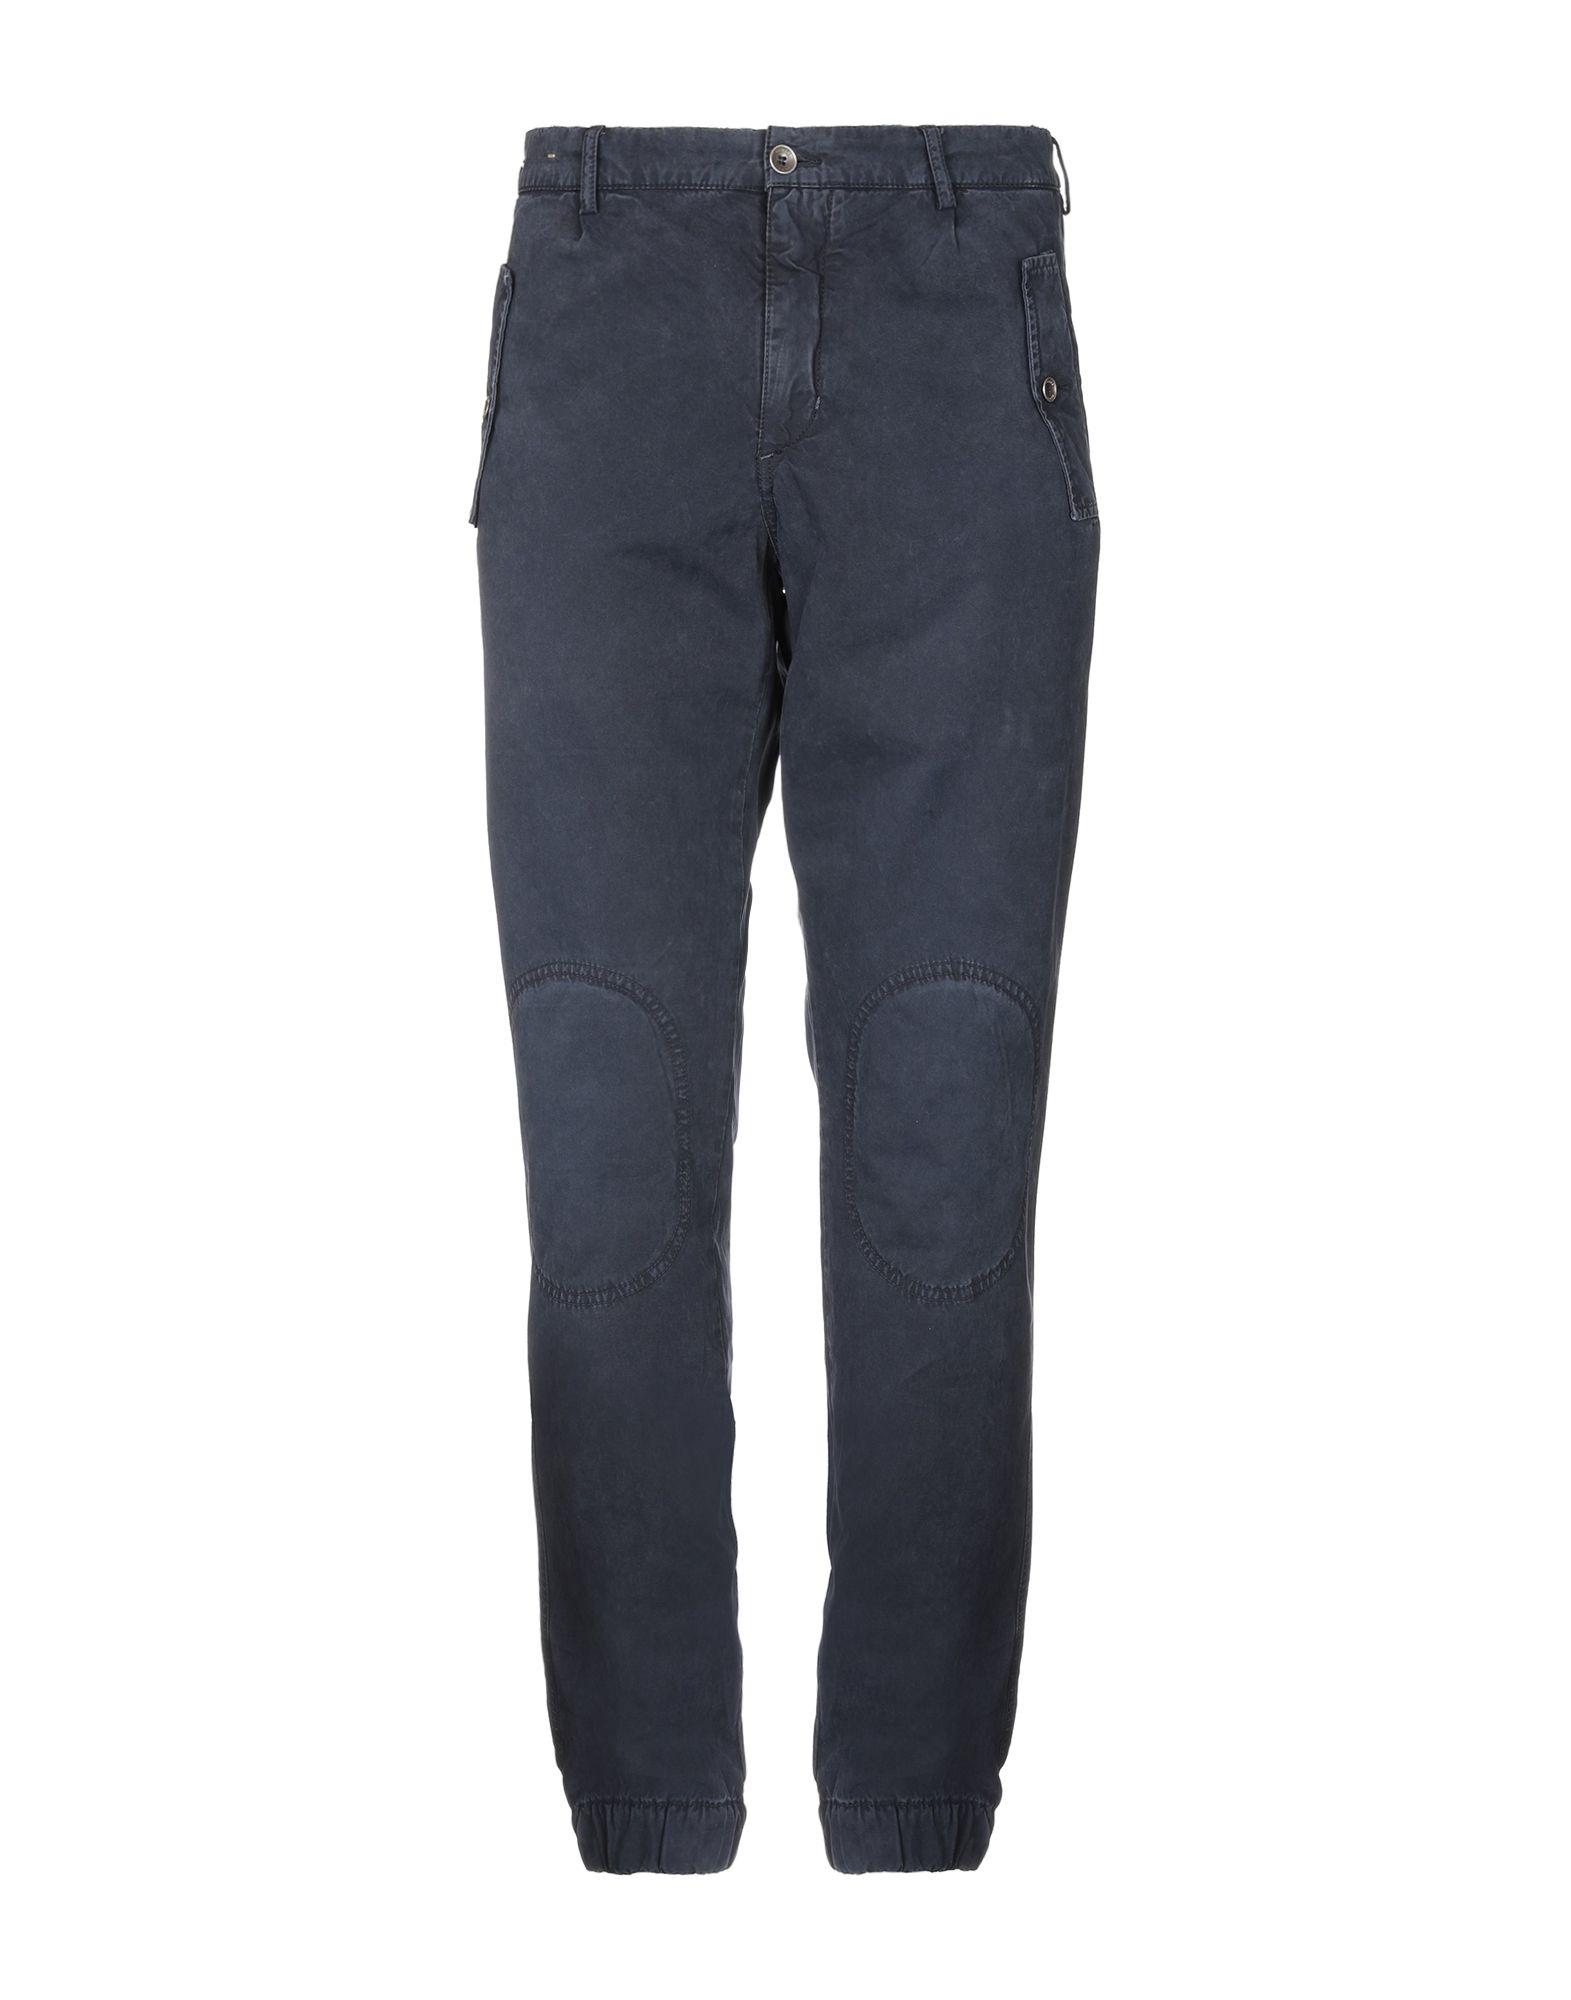 《送料無料》40WEFT メンズ パンツ ブルー 38 コットン